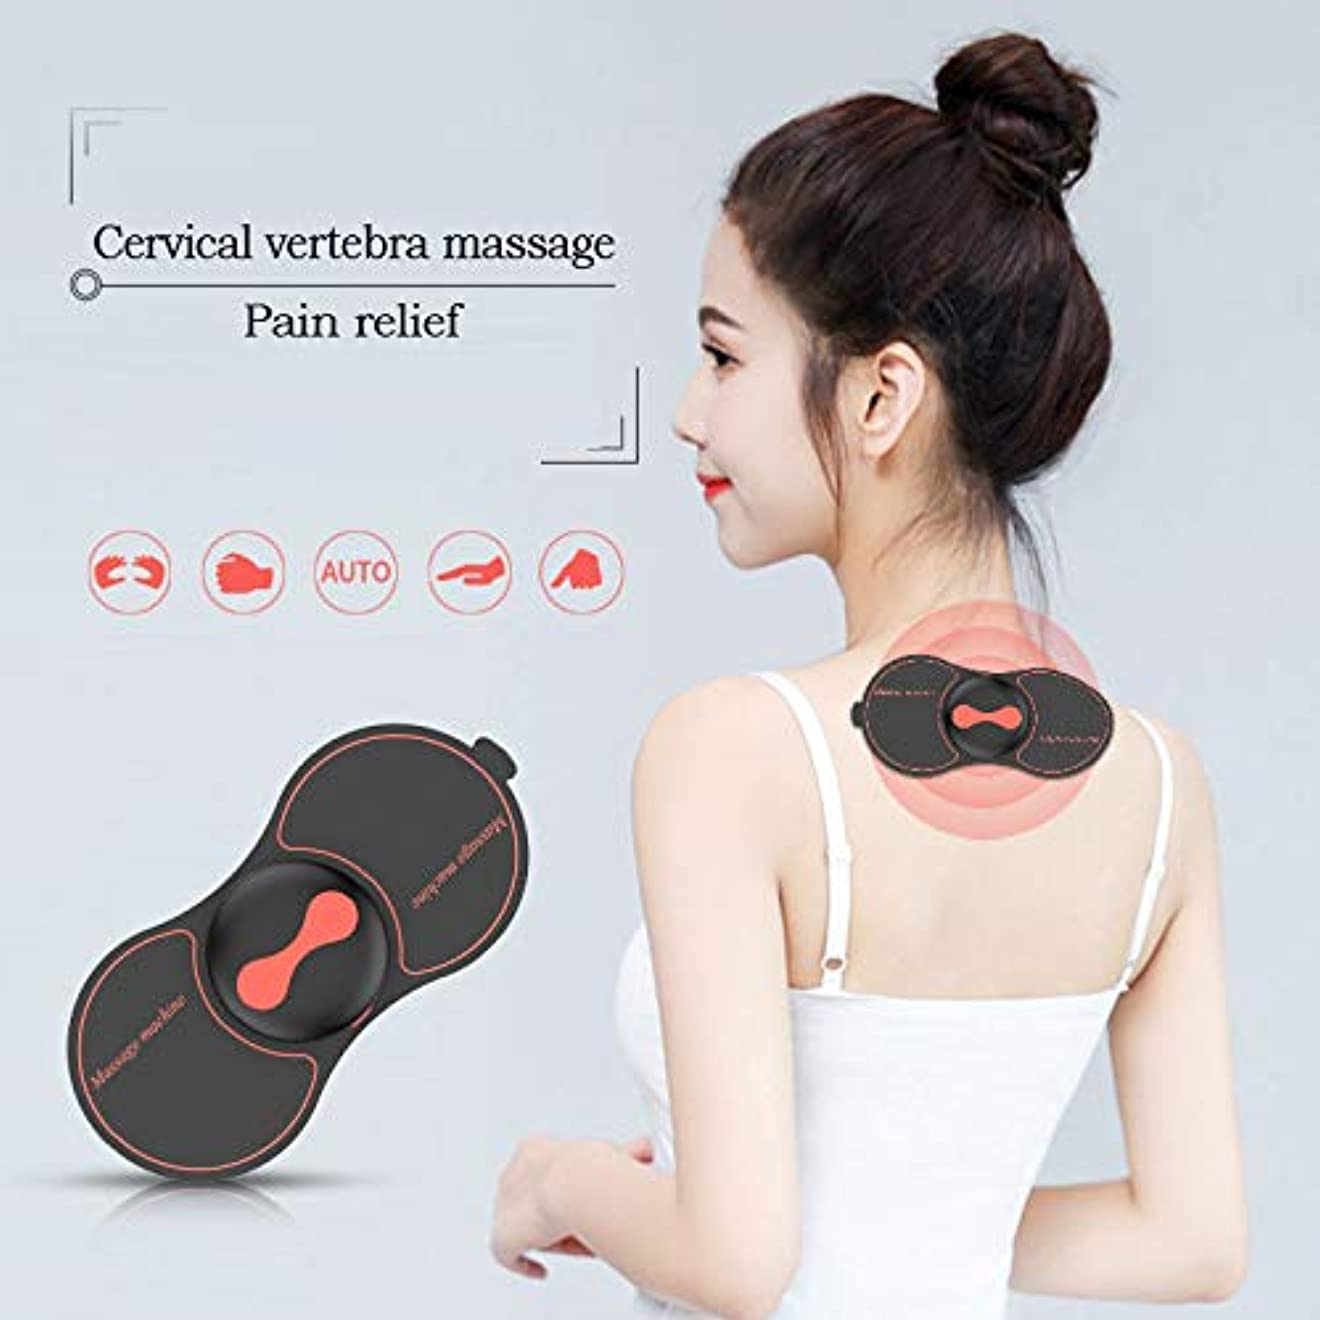 明らかに売上高アスレチック多機能家庭子宮頸ウエストショルダーマッサージャーパッドを充電ネックミニパルスインテリジェントマッサージ